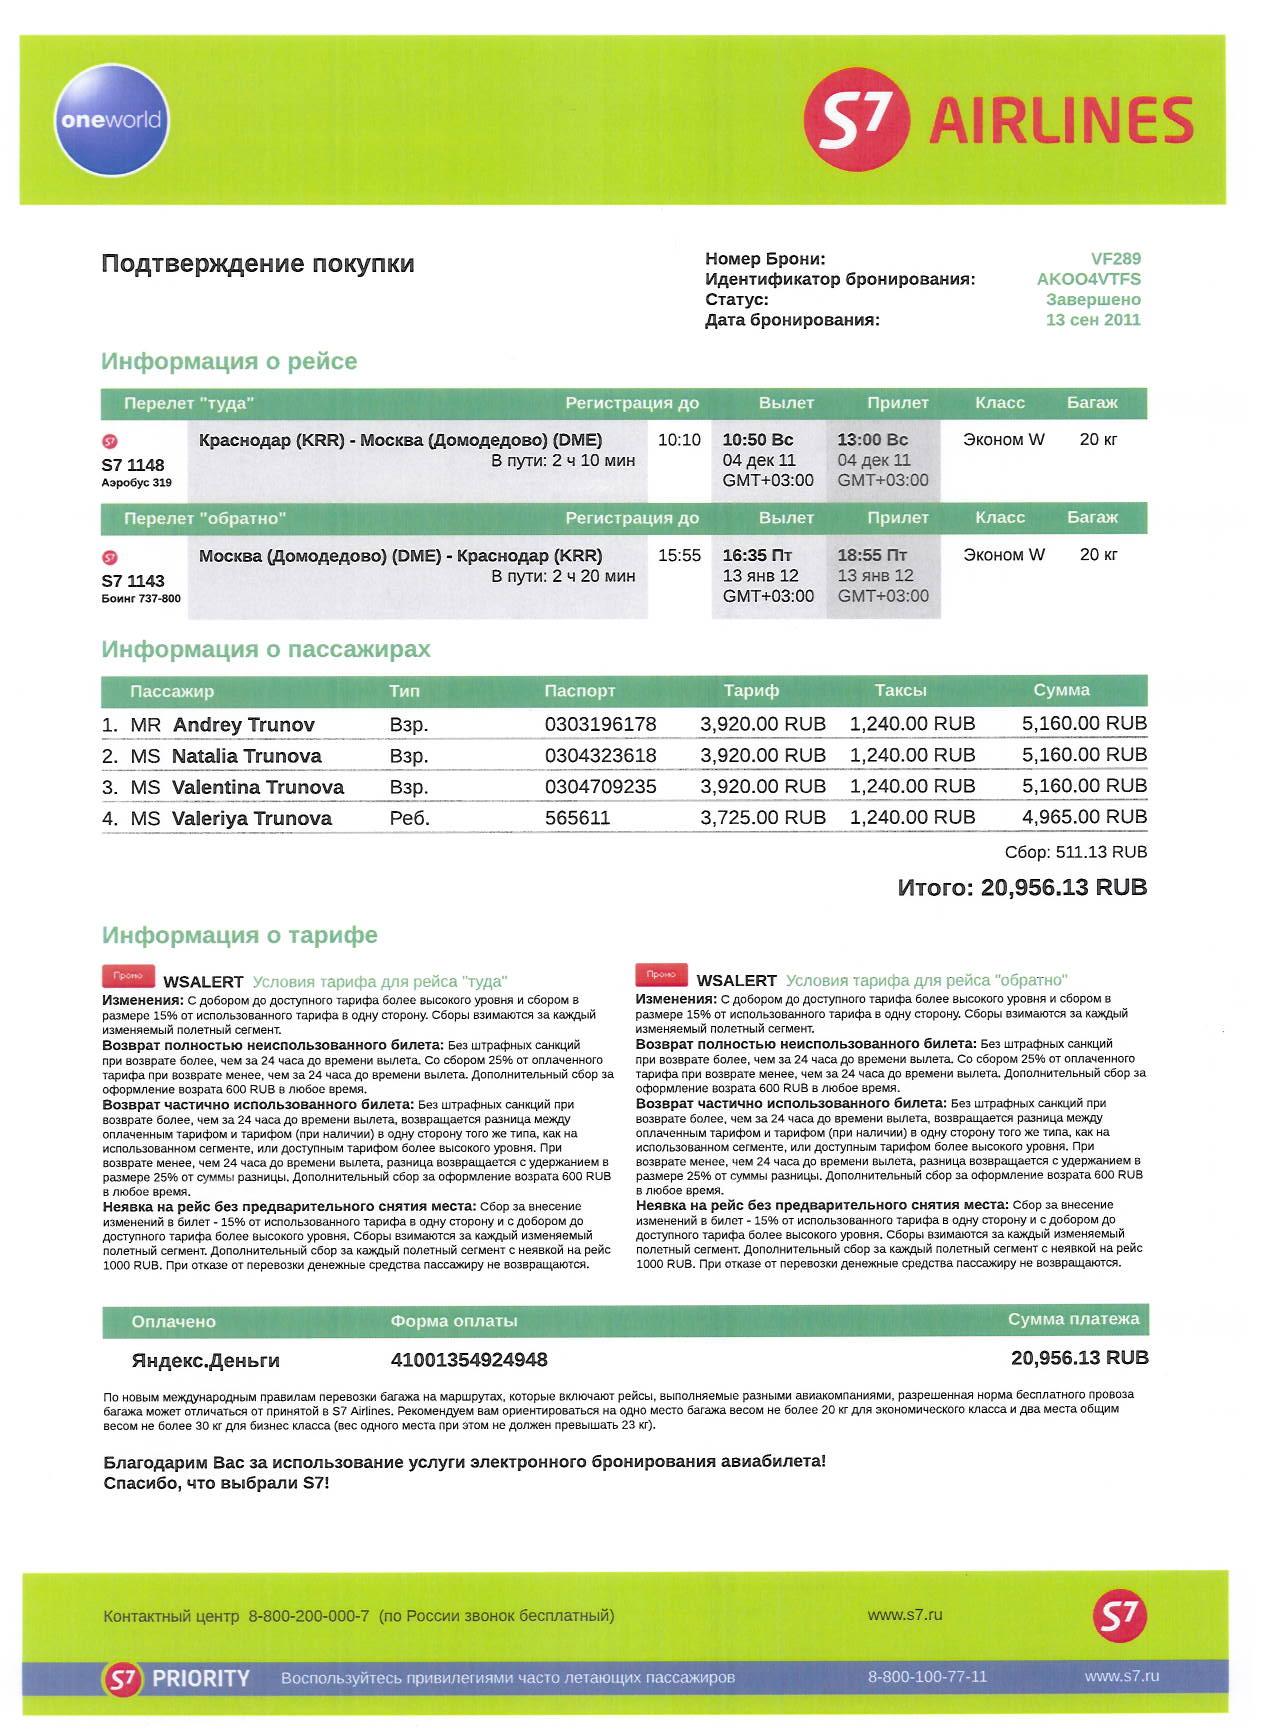 Подтверждение покупки авиабилетов по маршруту Краснодар - Москва - Краснодар